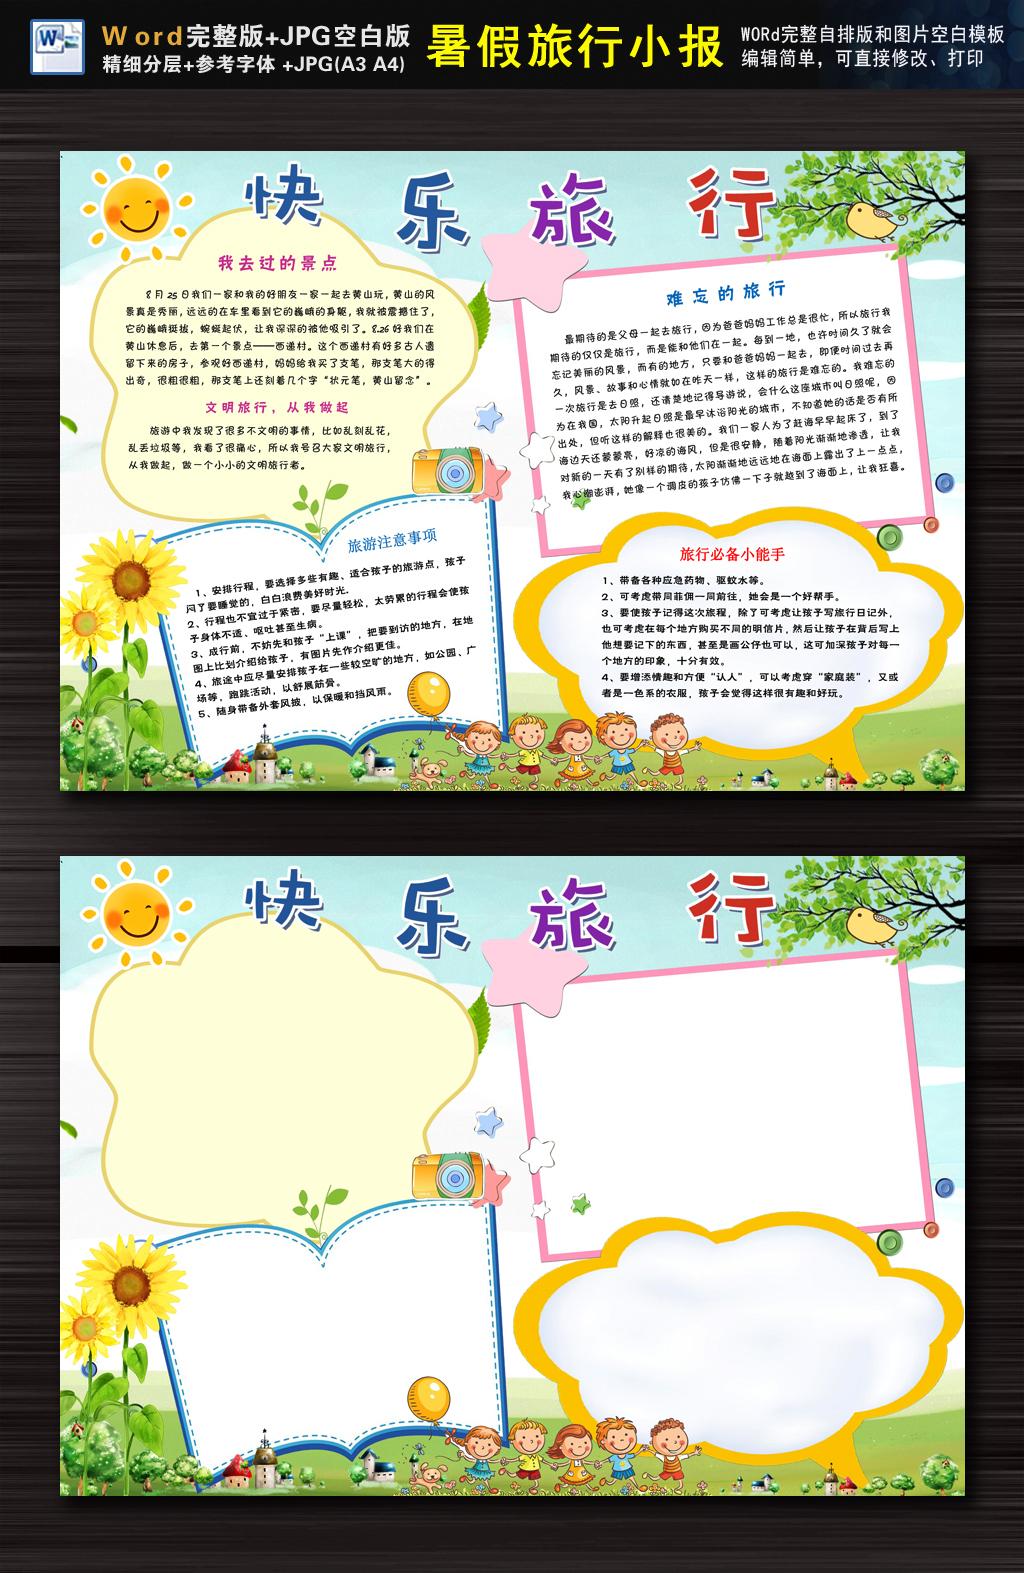 暑假生活旅游小报暑假旅行小报word模板图片